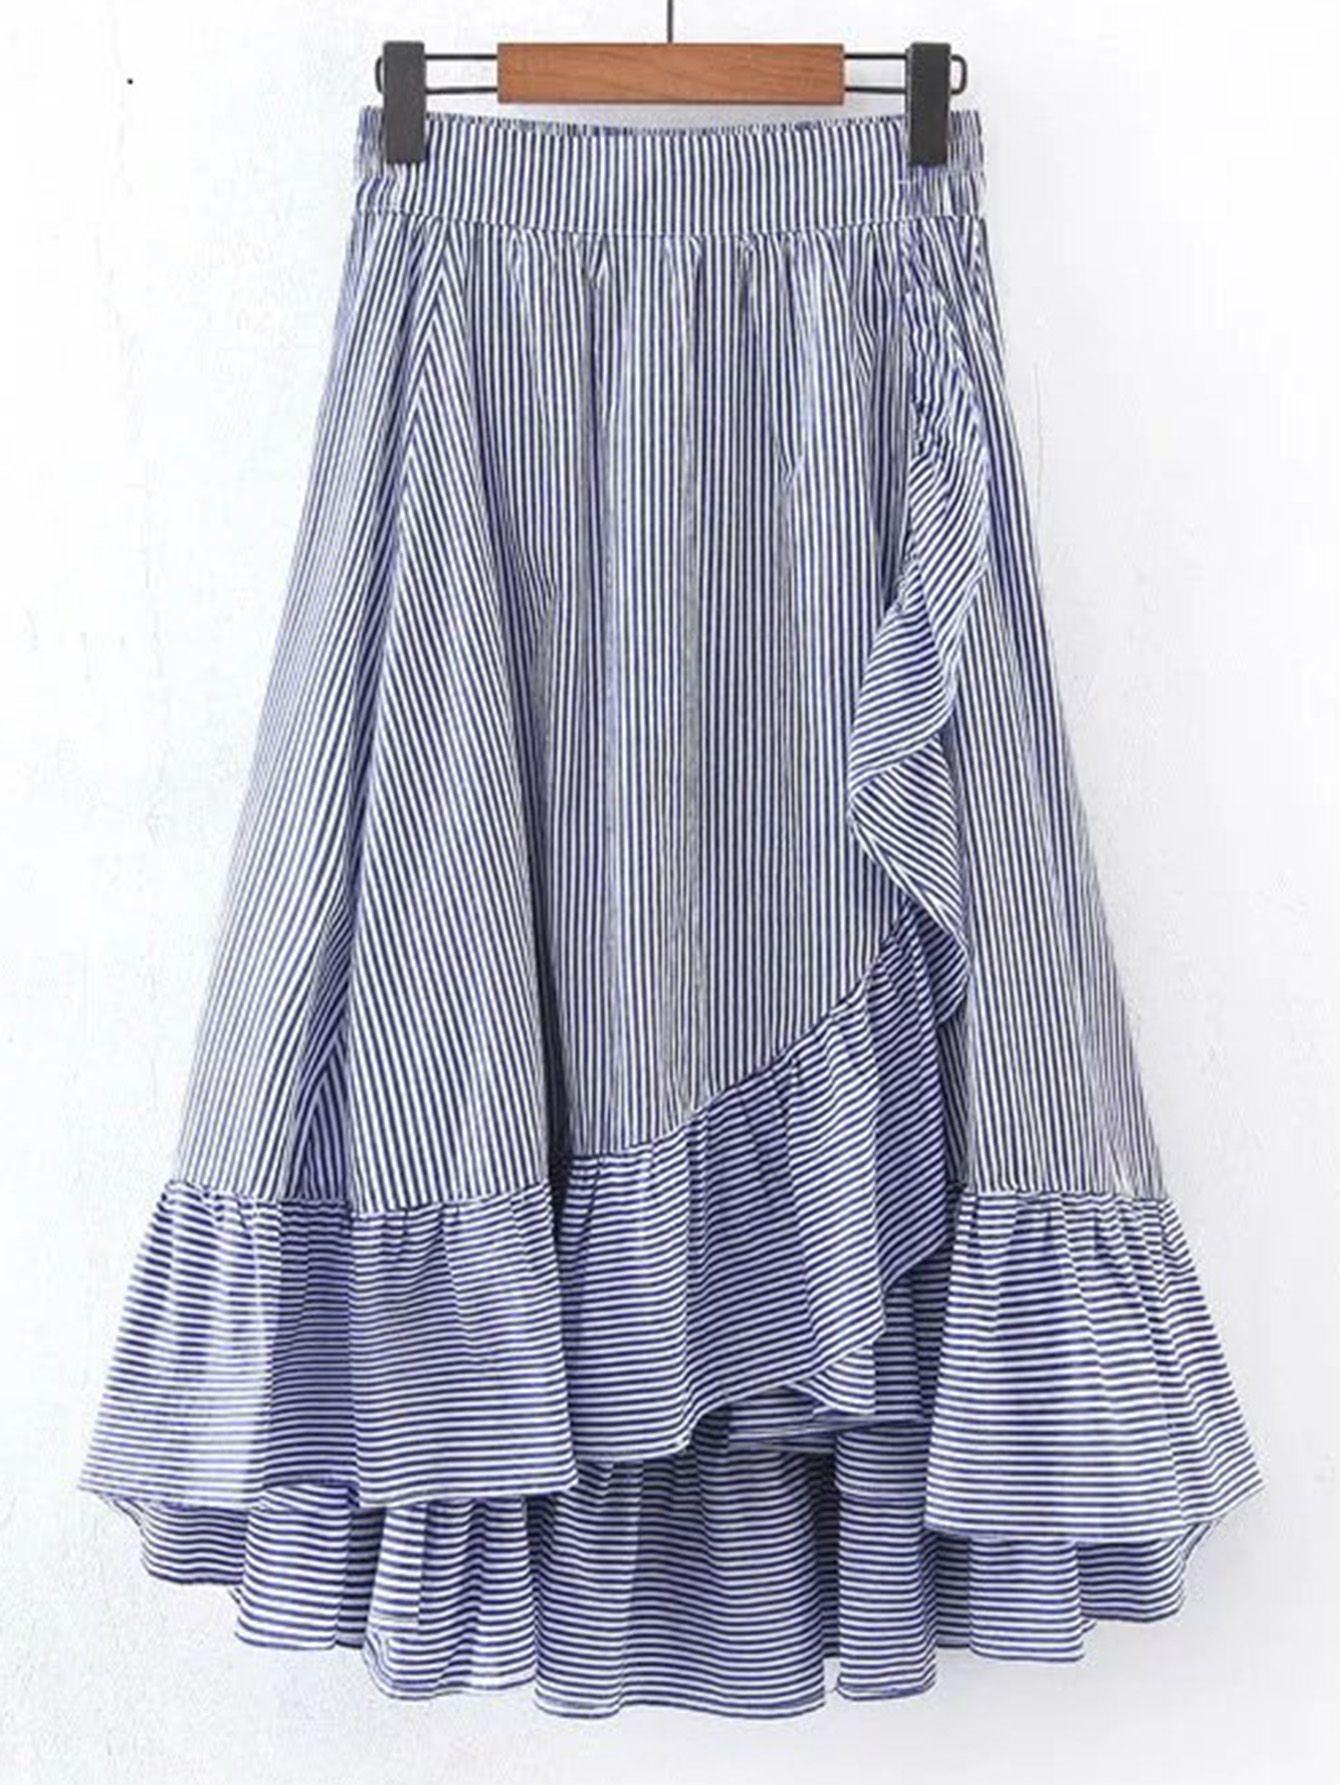 Falda con cintura elástica en línea A con ribete de volantes -Spanish  SheIn(Sheinside) 800033b1c9da